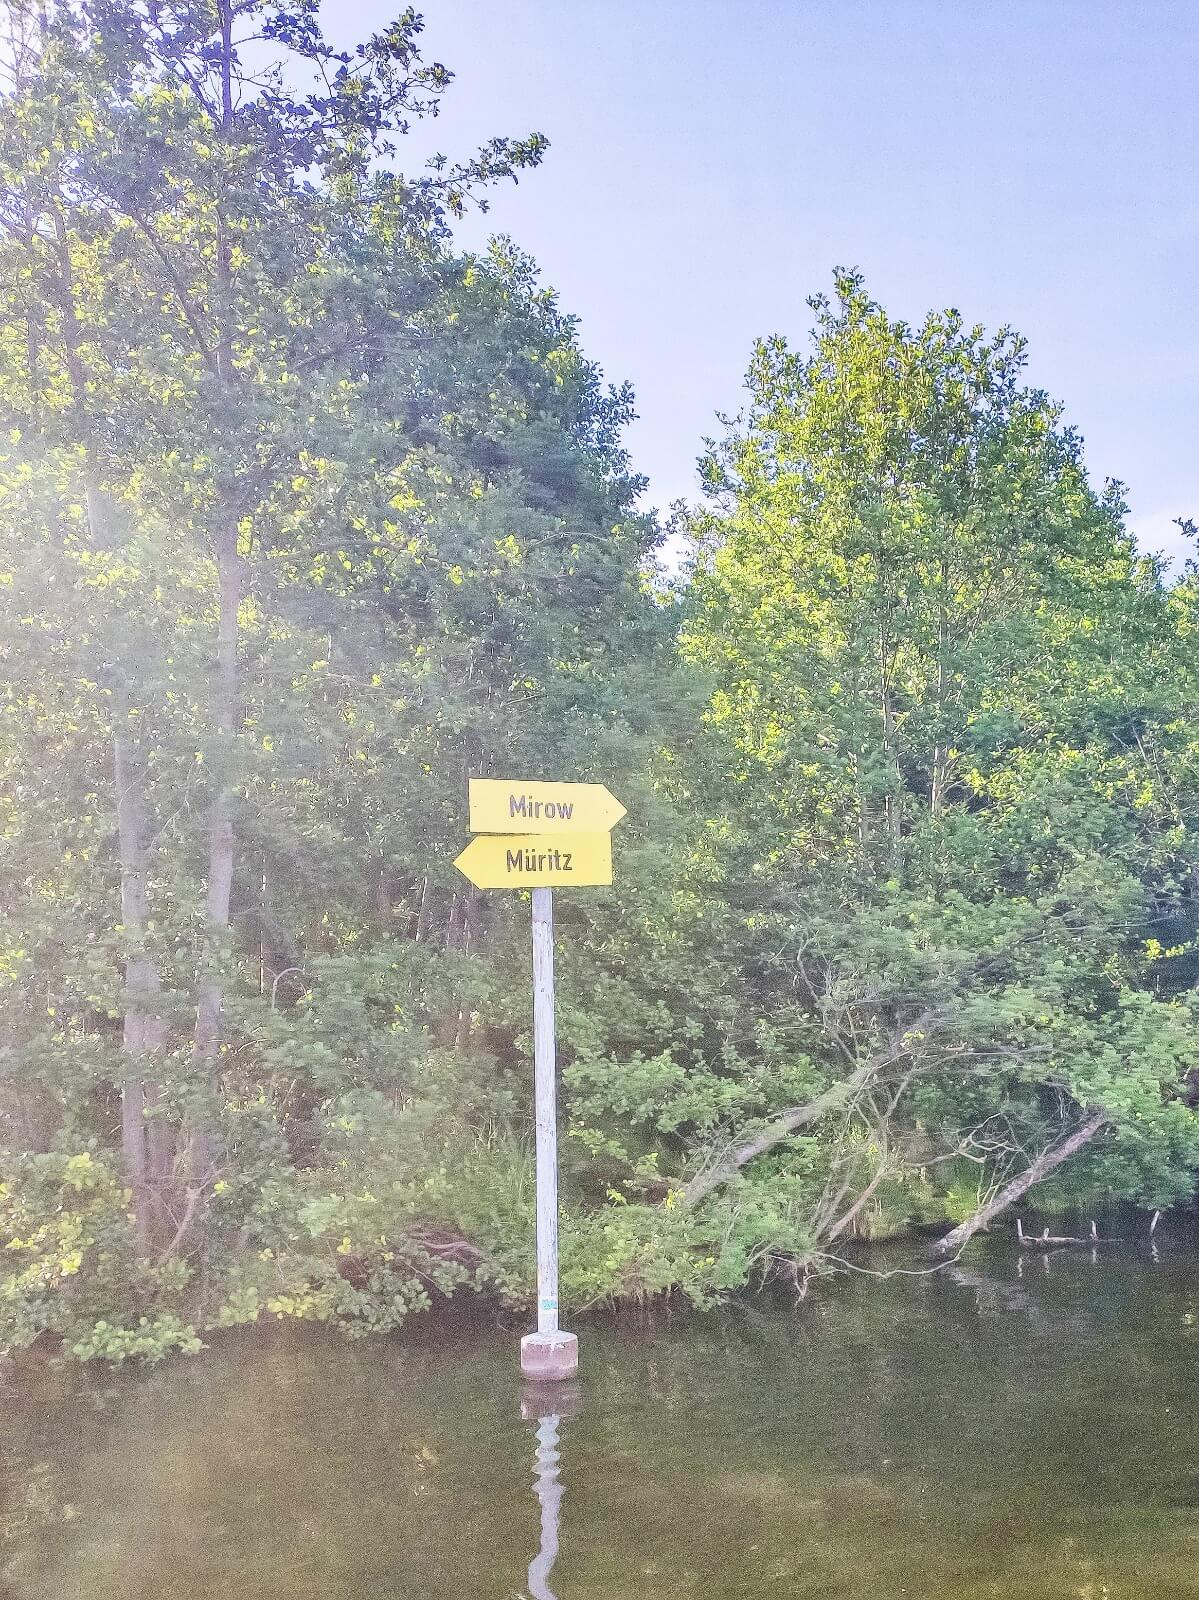 Schilder weisen auch auf dem Wasser den Weg